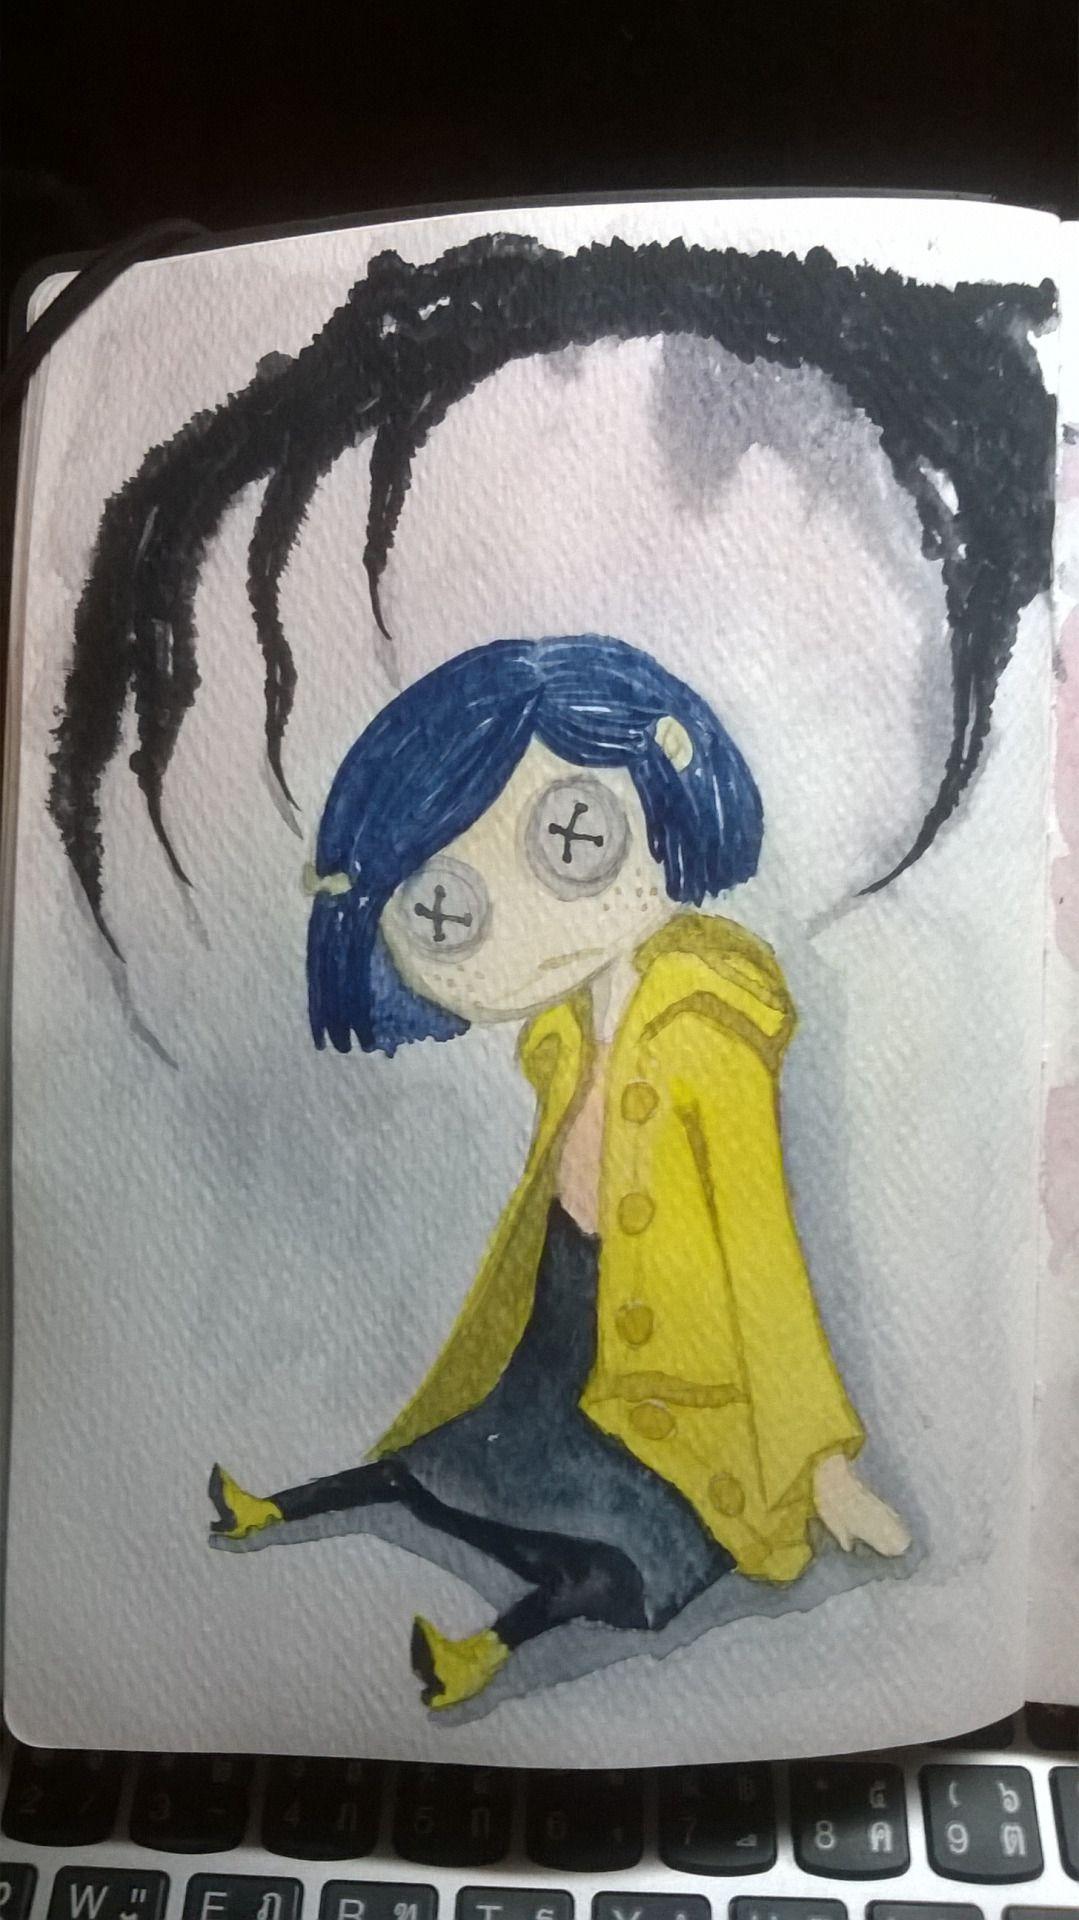 Morgan S Daily Art Desenhos Assustadores Assustador Desenhos